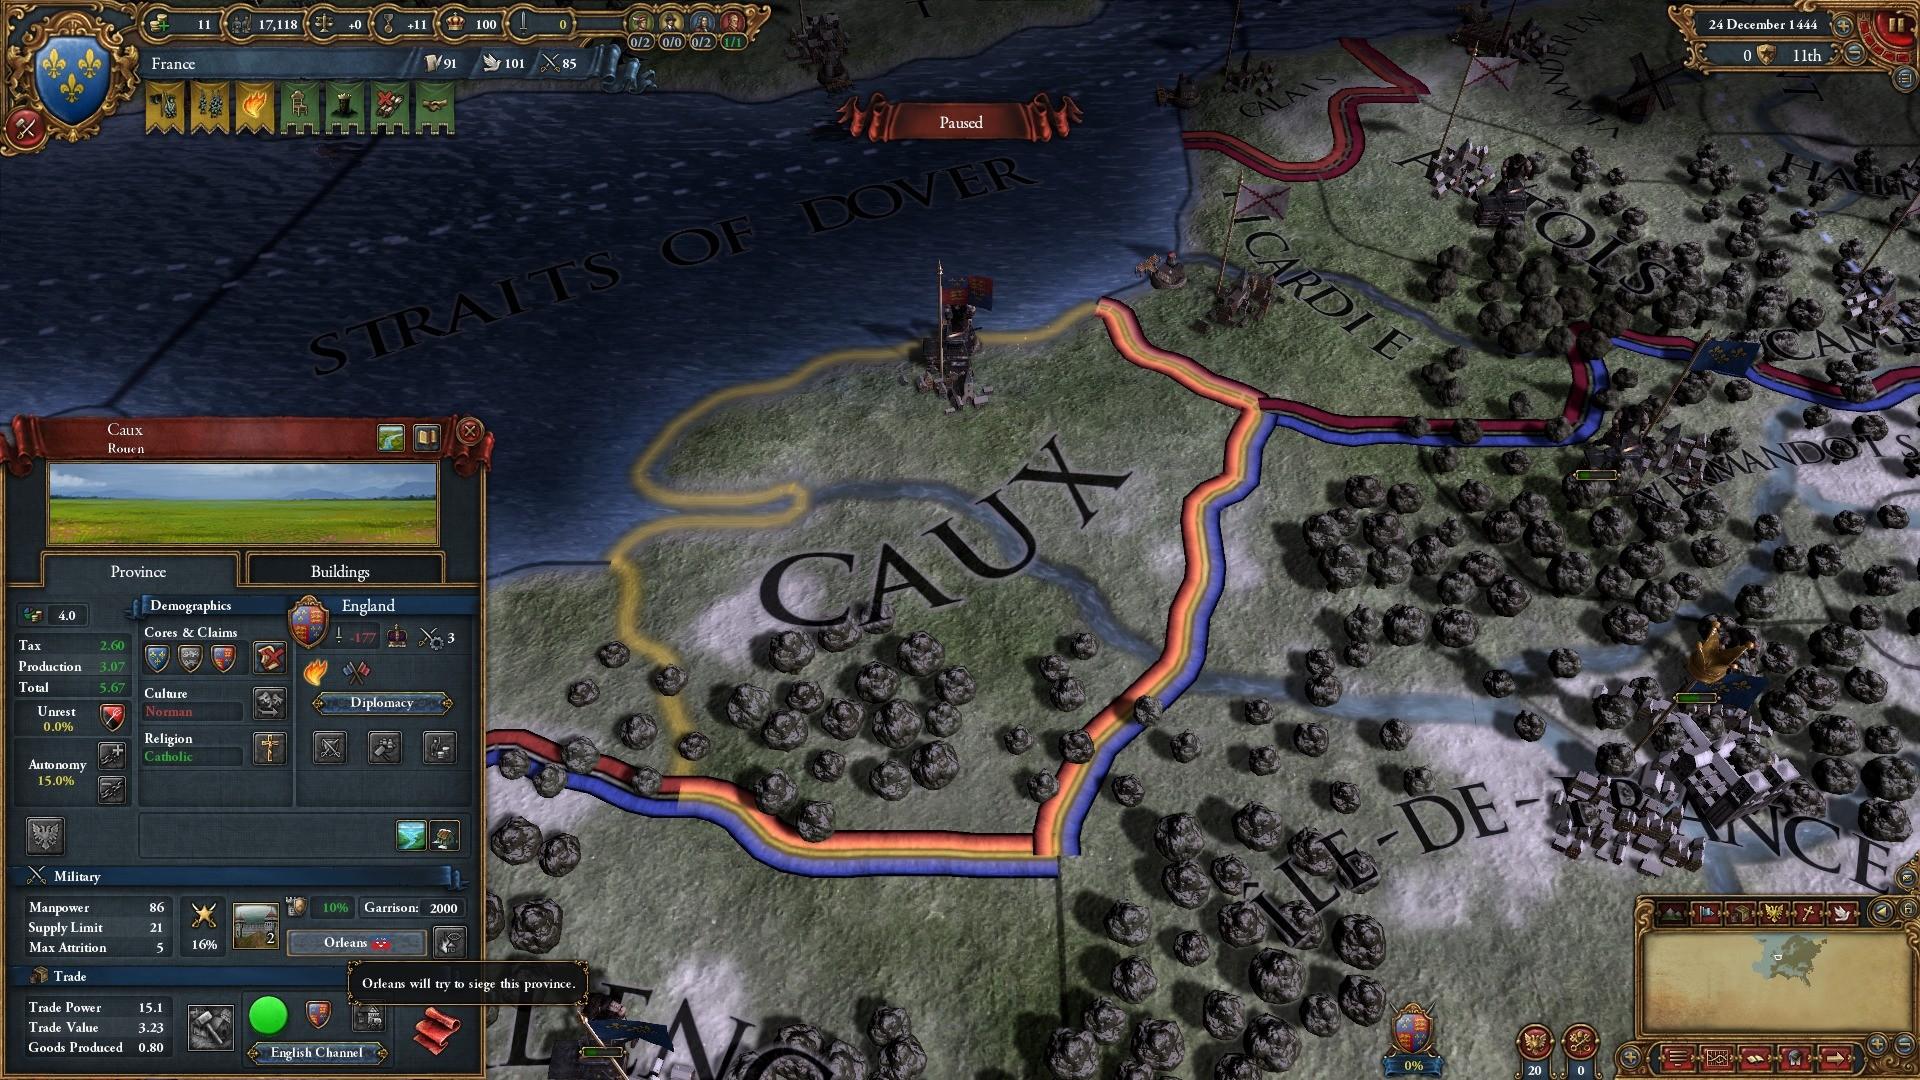 Expansion - Europa Universalis IV: El Dorado Download